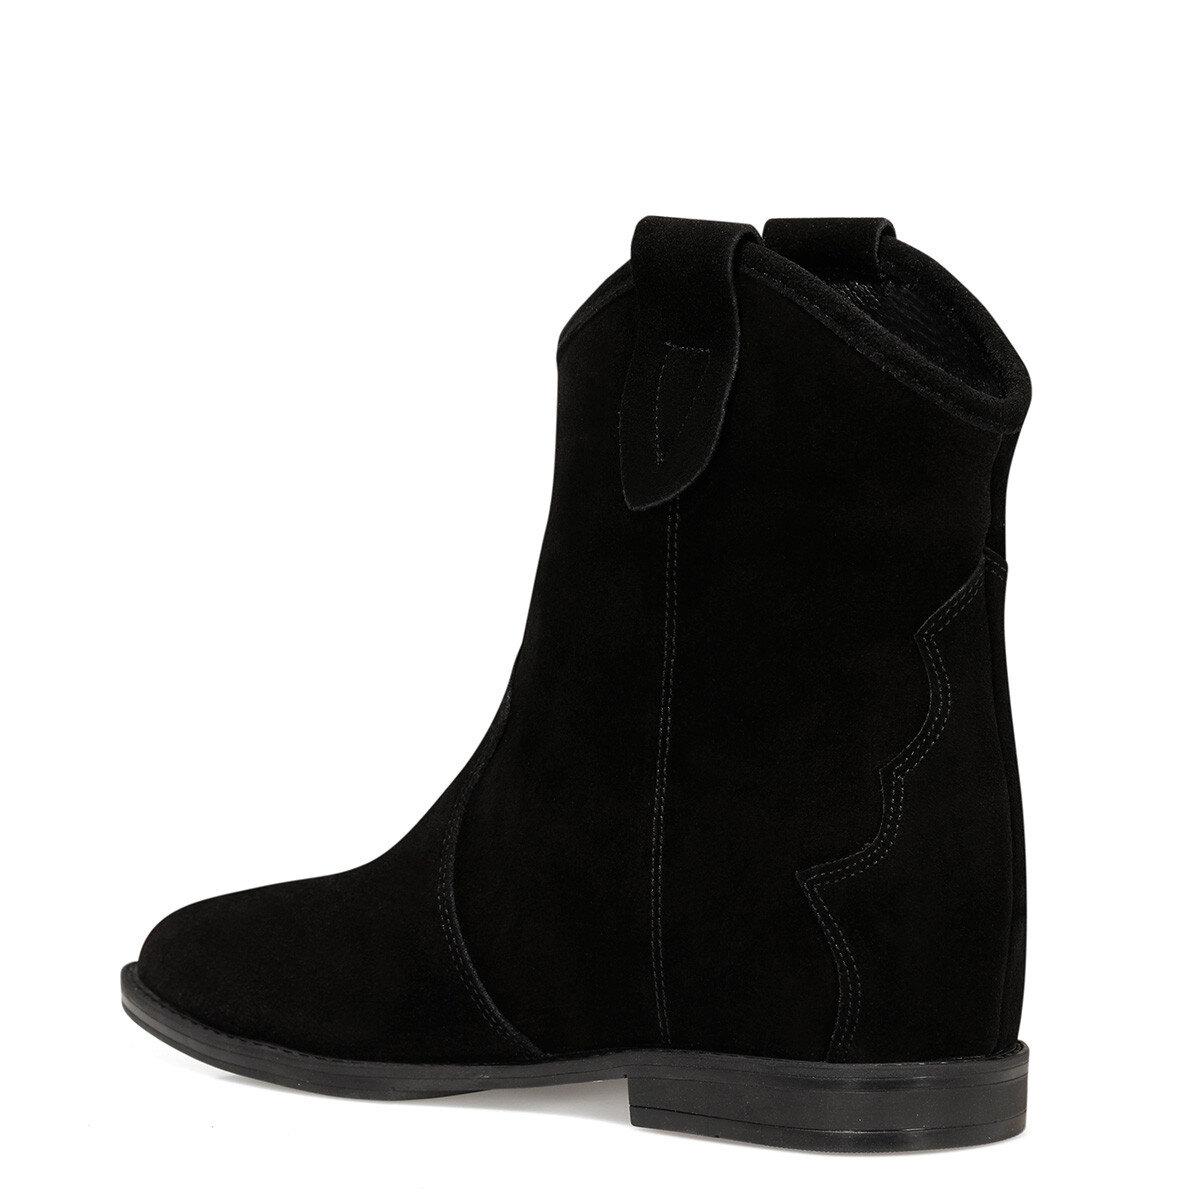 ALINA Siyah Kadın Topuklu Bot